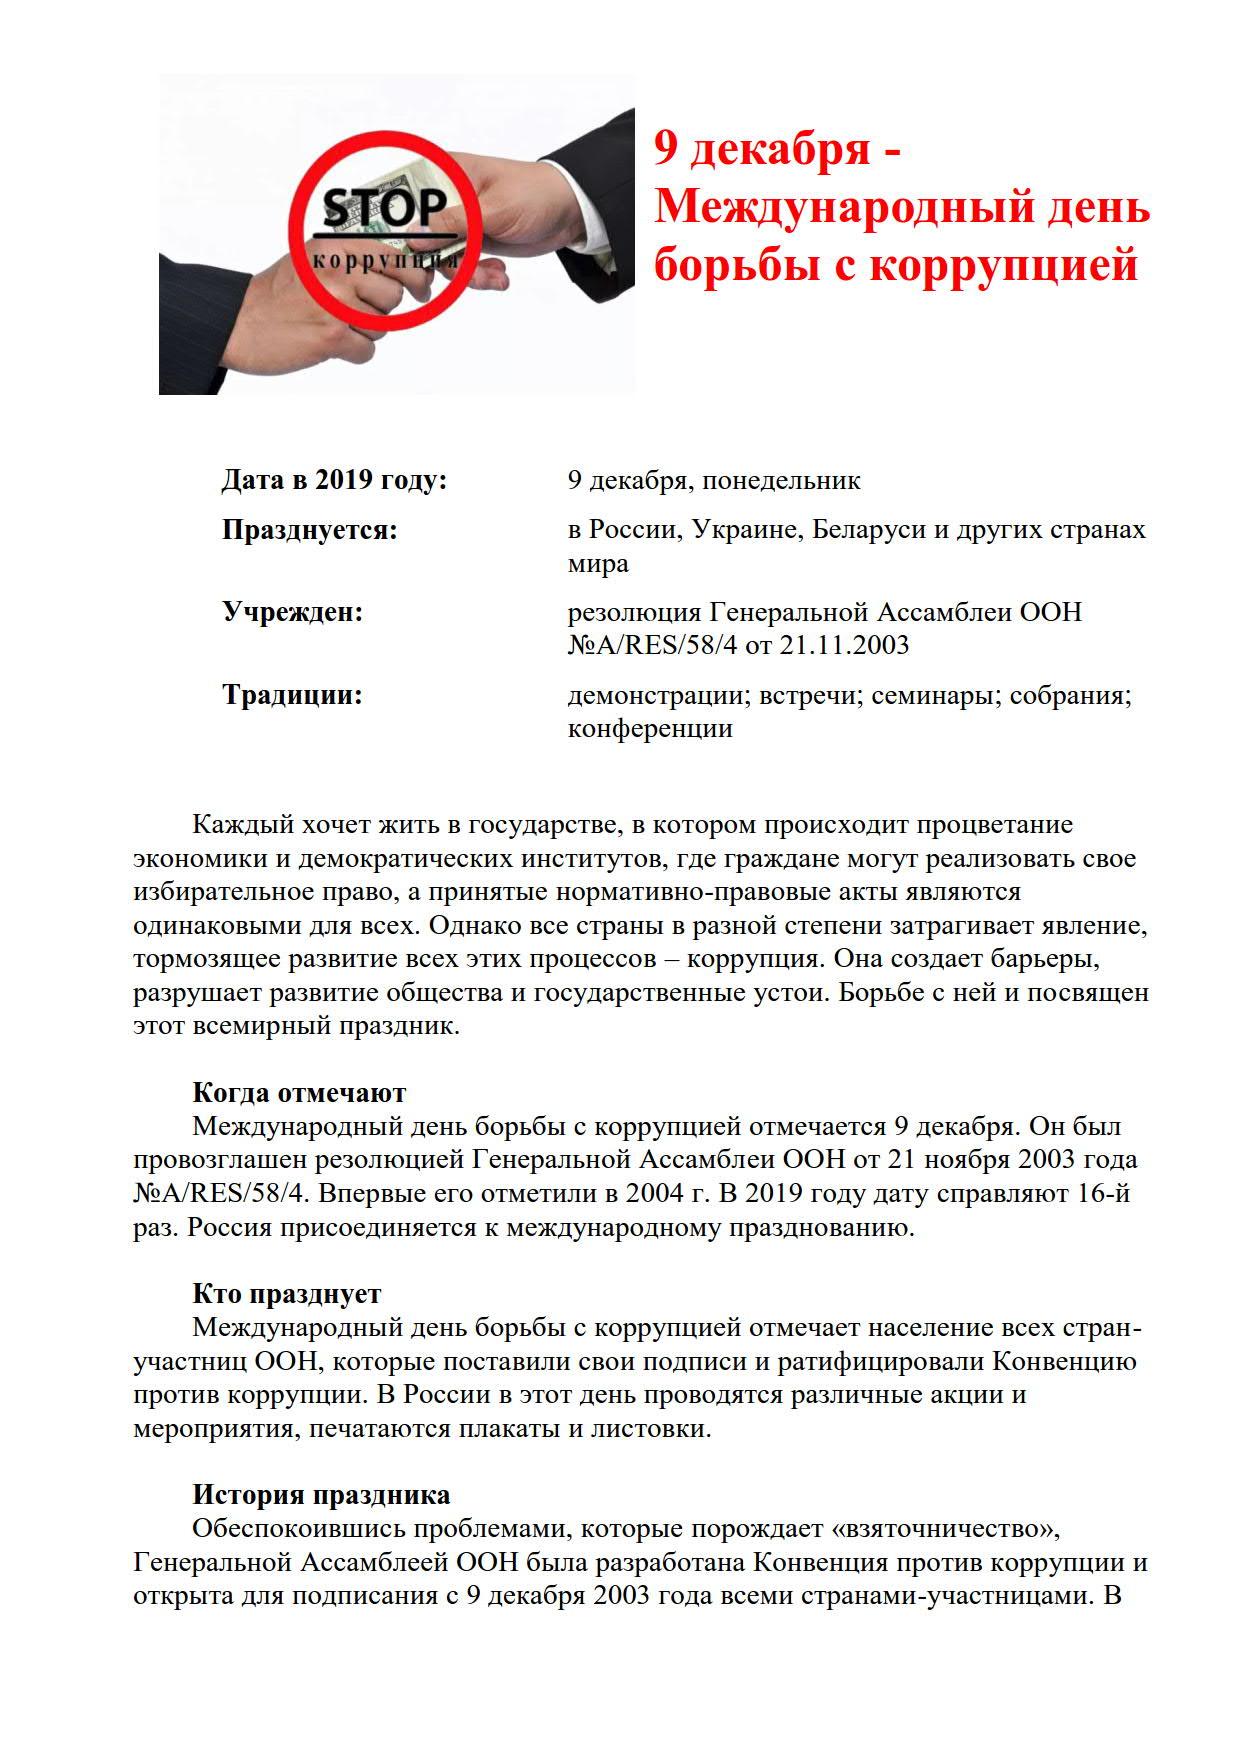 9 декабря День борьбы с коррупцией (1)_1